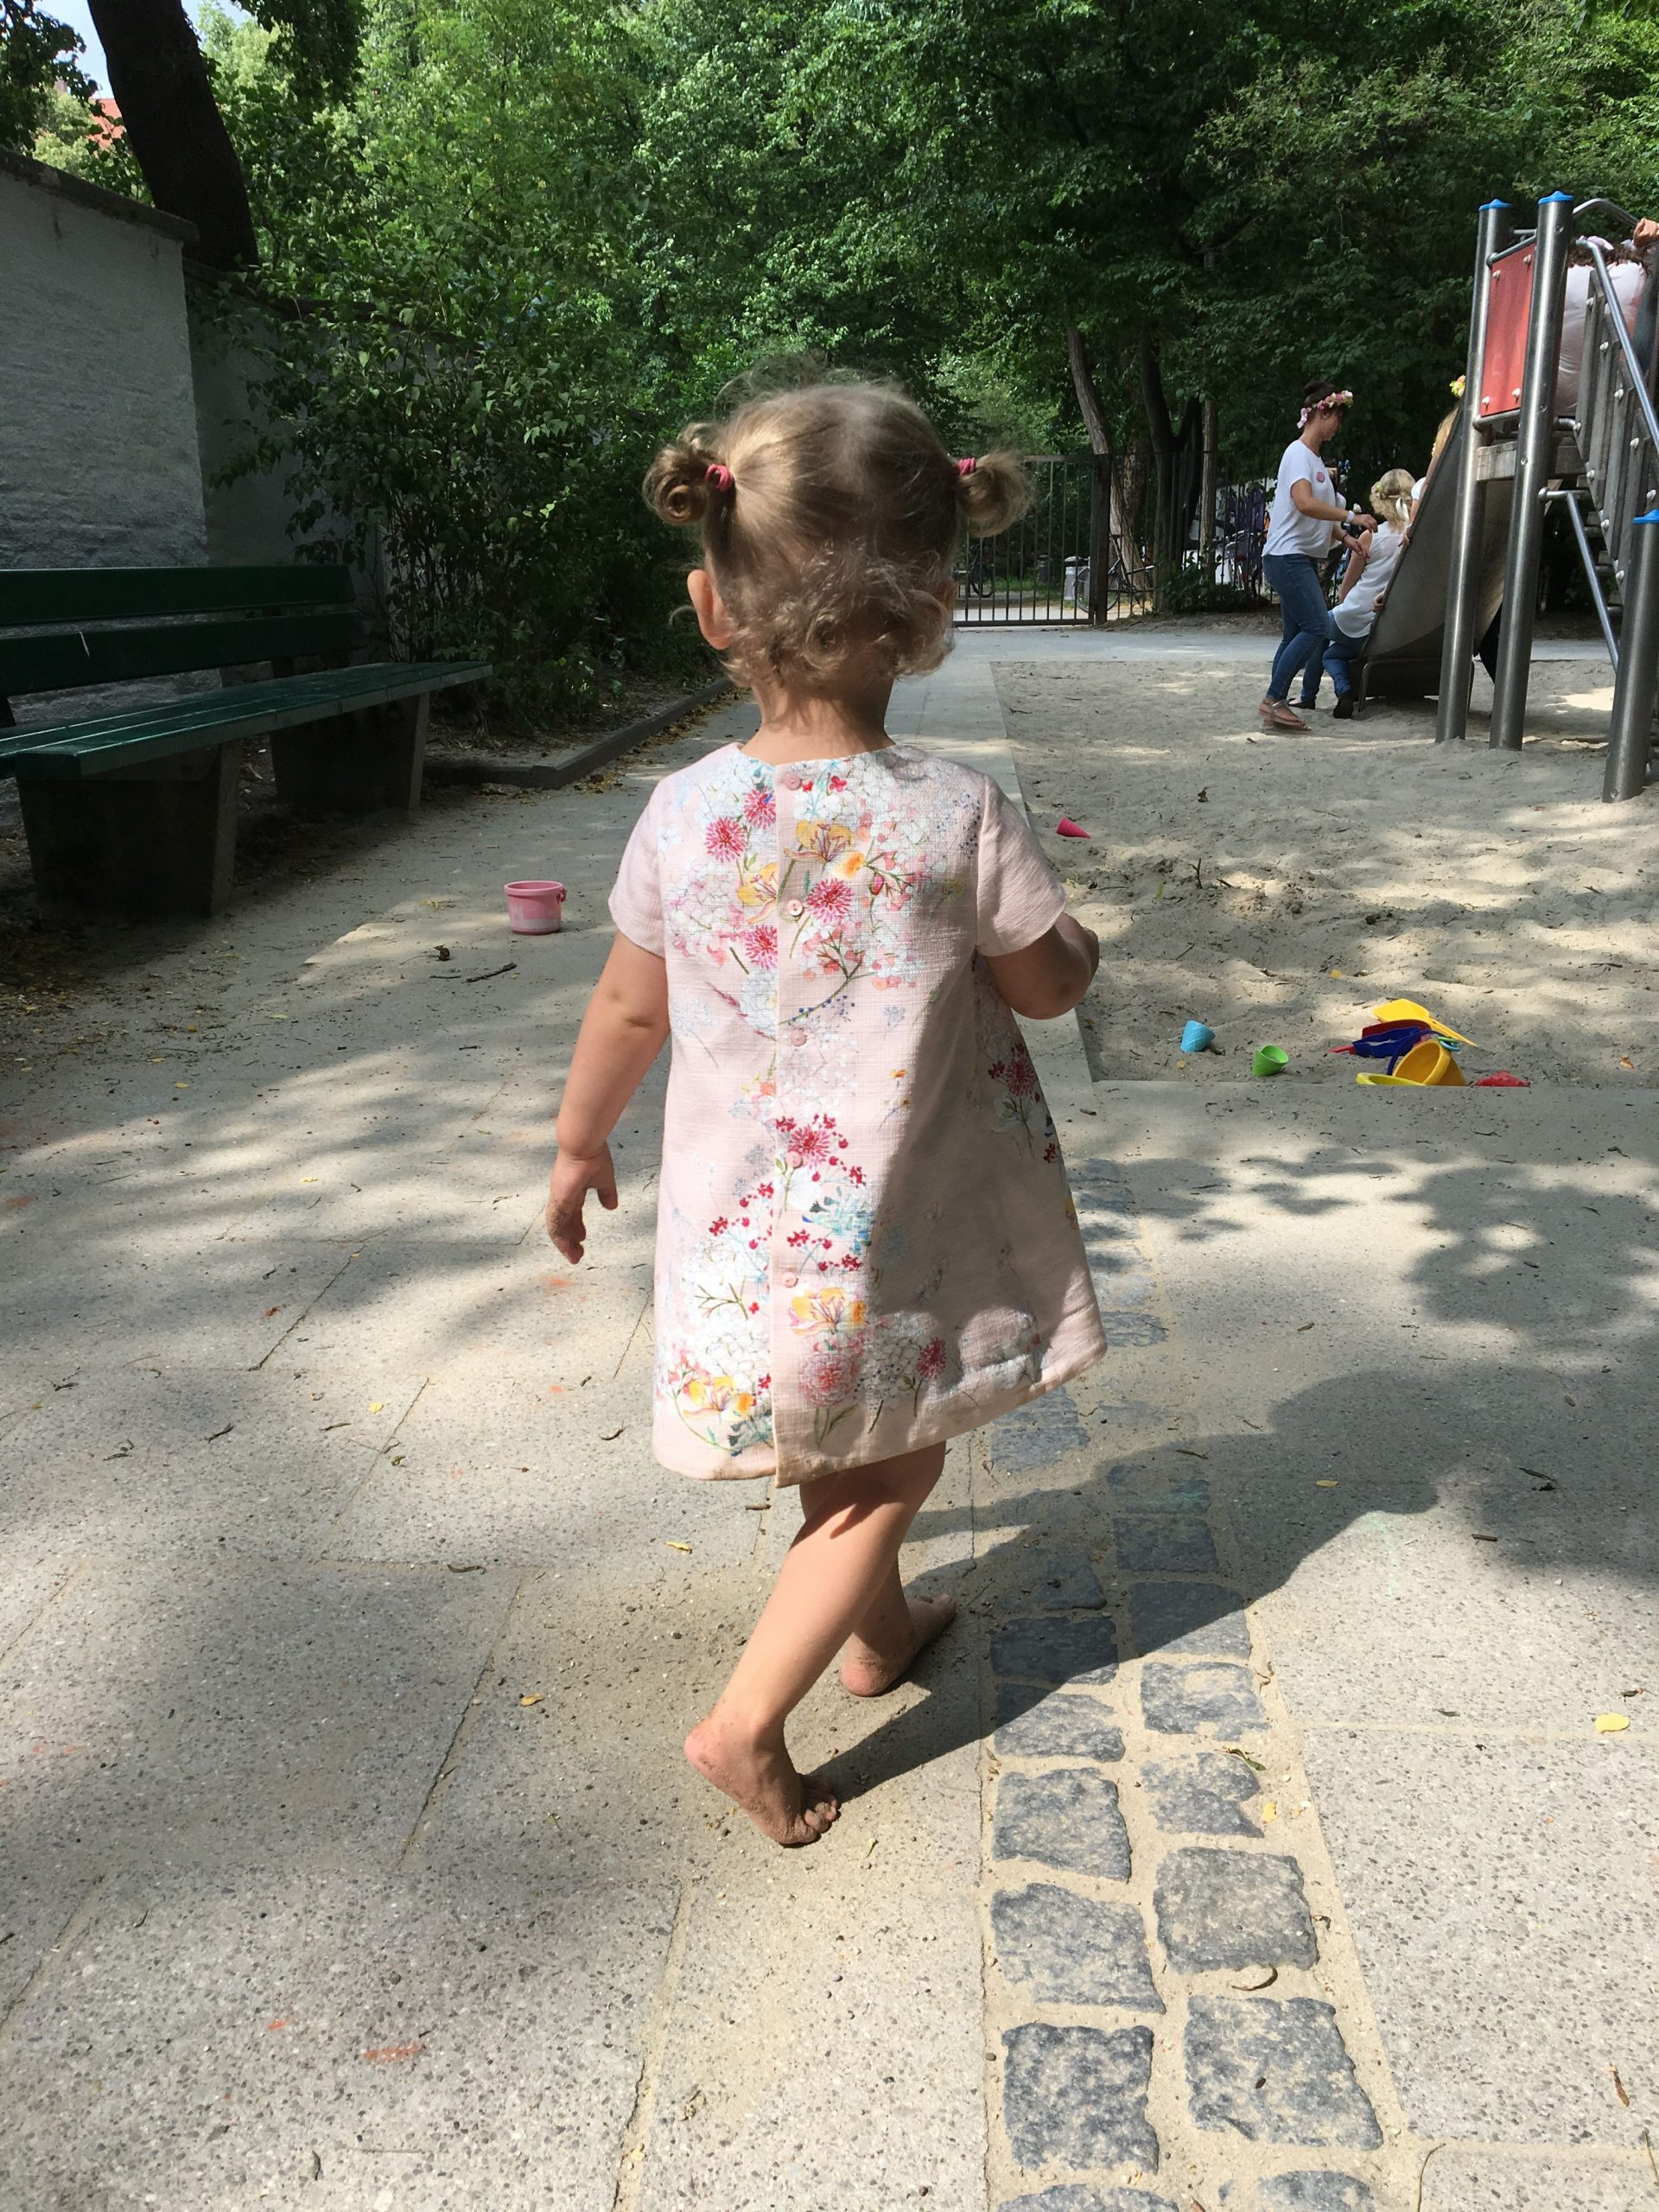 Kinder Von Minamamilicious Auf Leben Mit Kind  Mutter